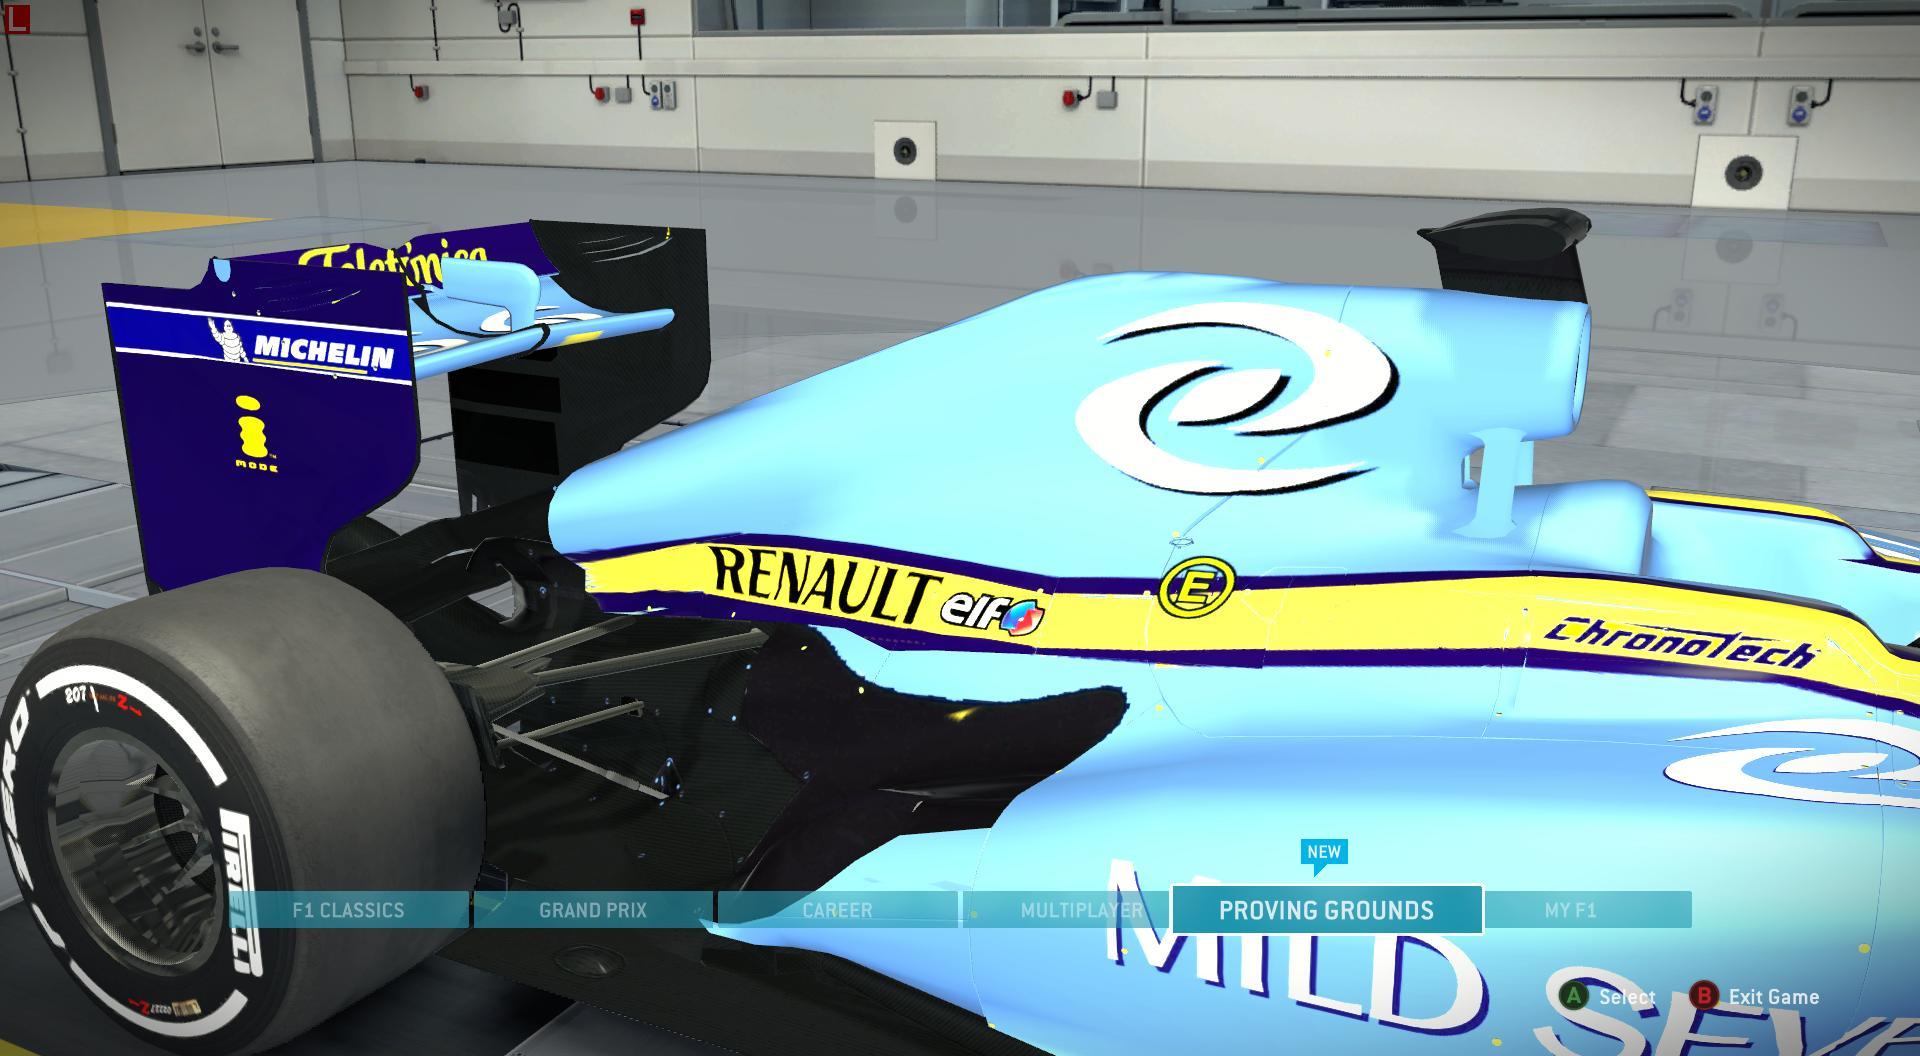 F1_2013 2014-07-11 12-44-04-52.jpg